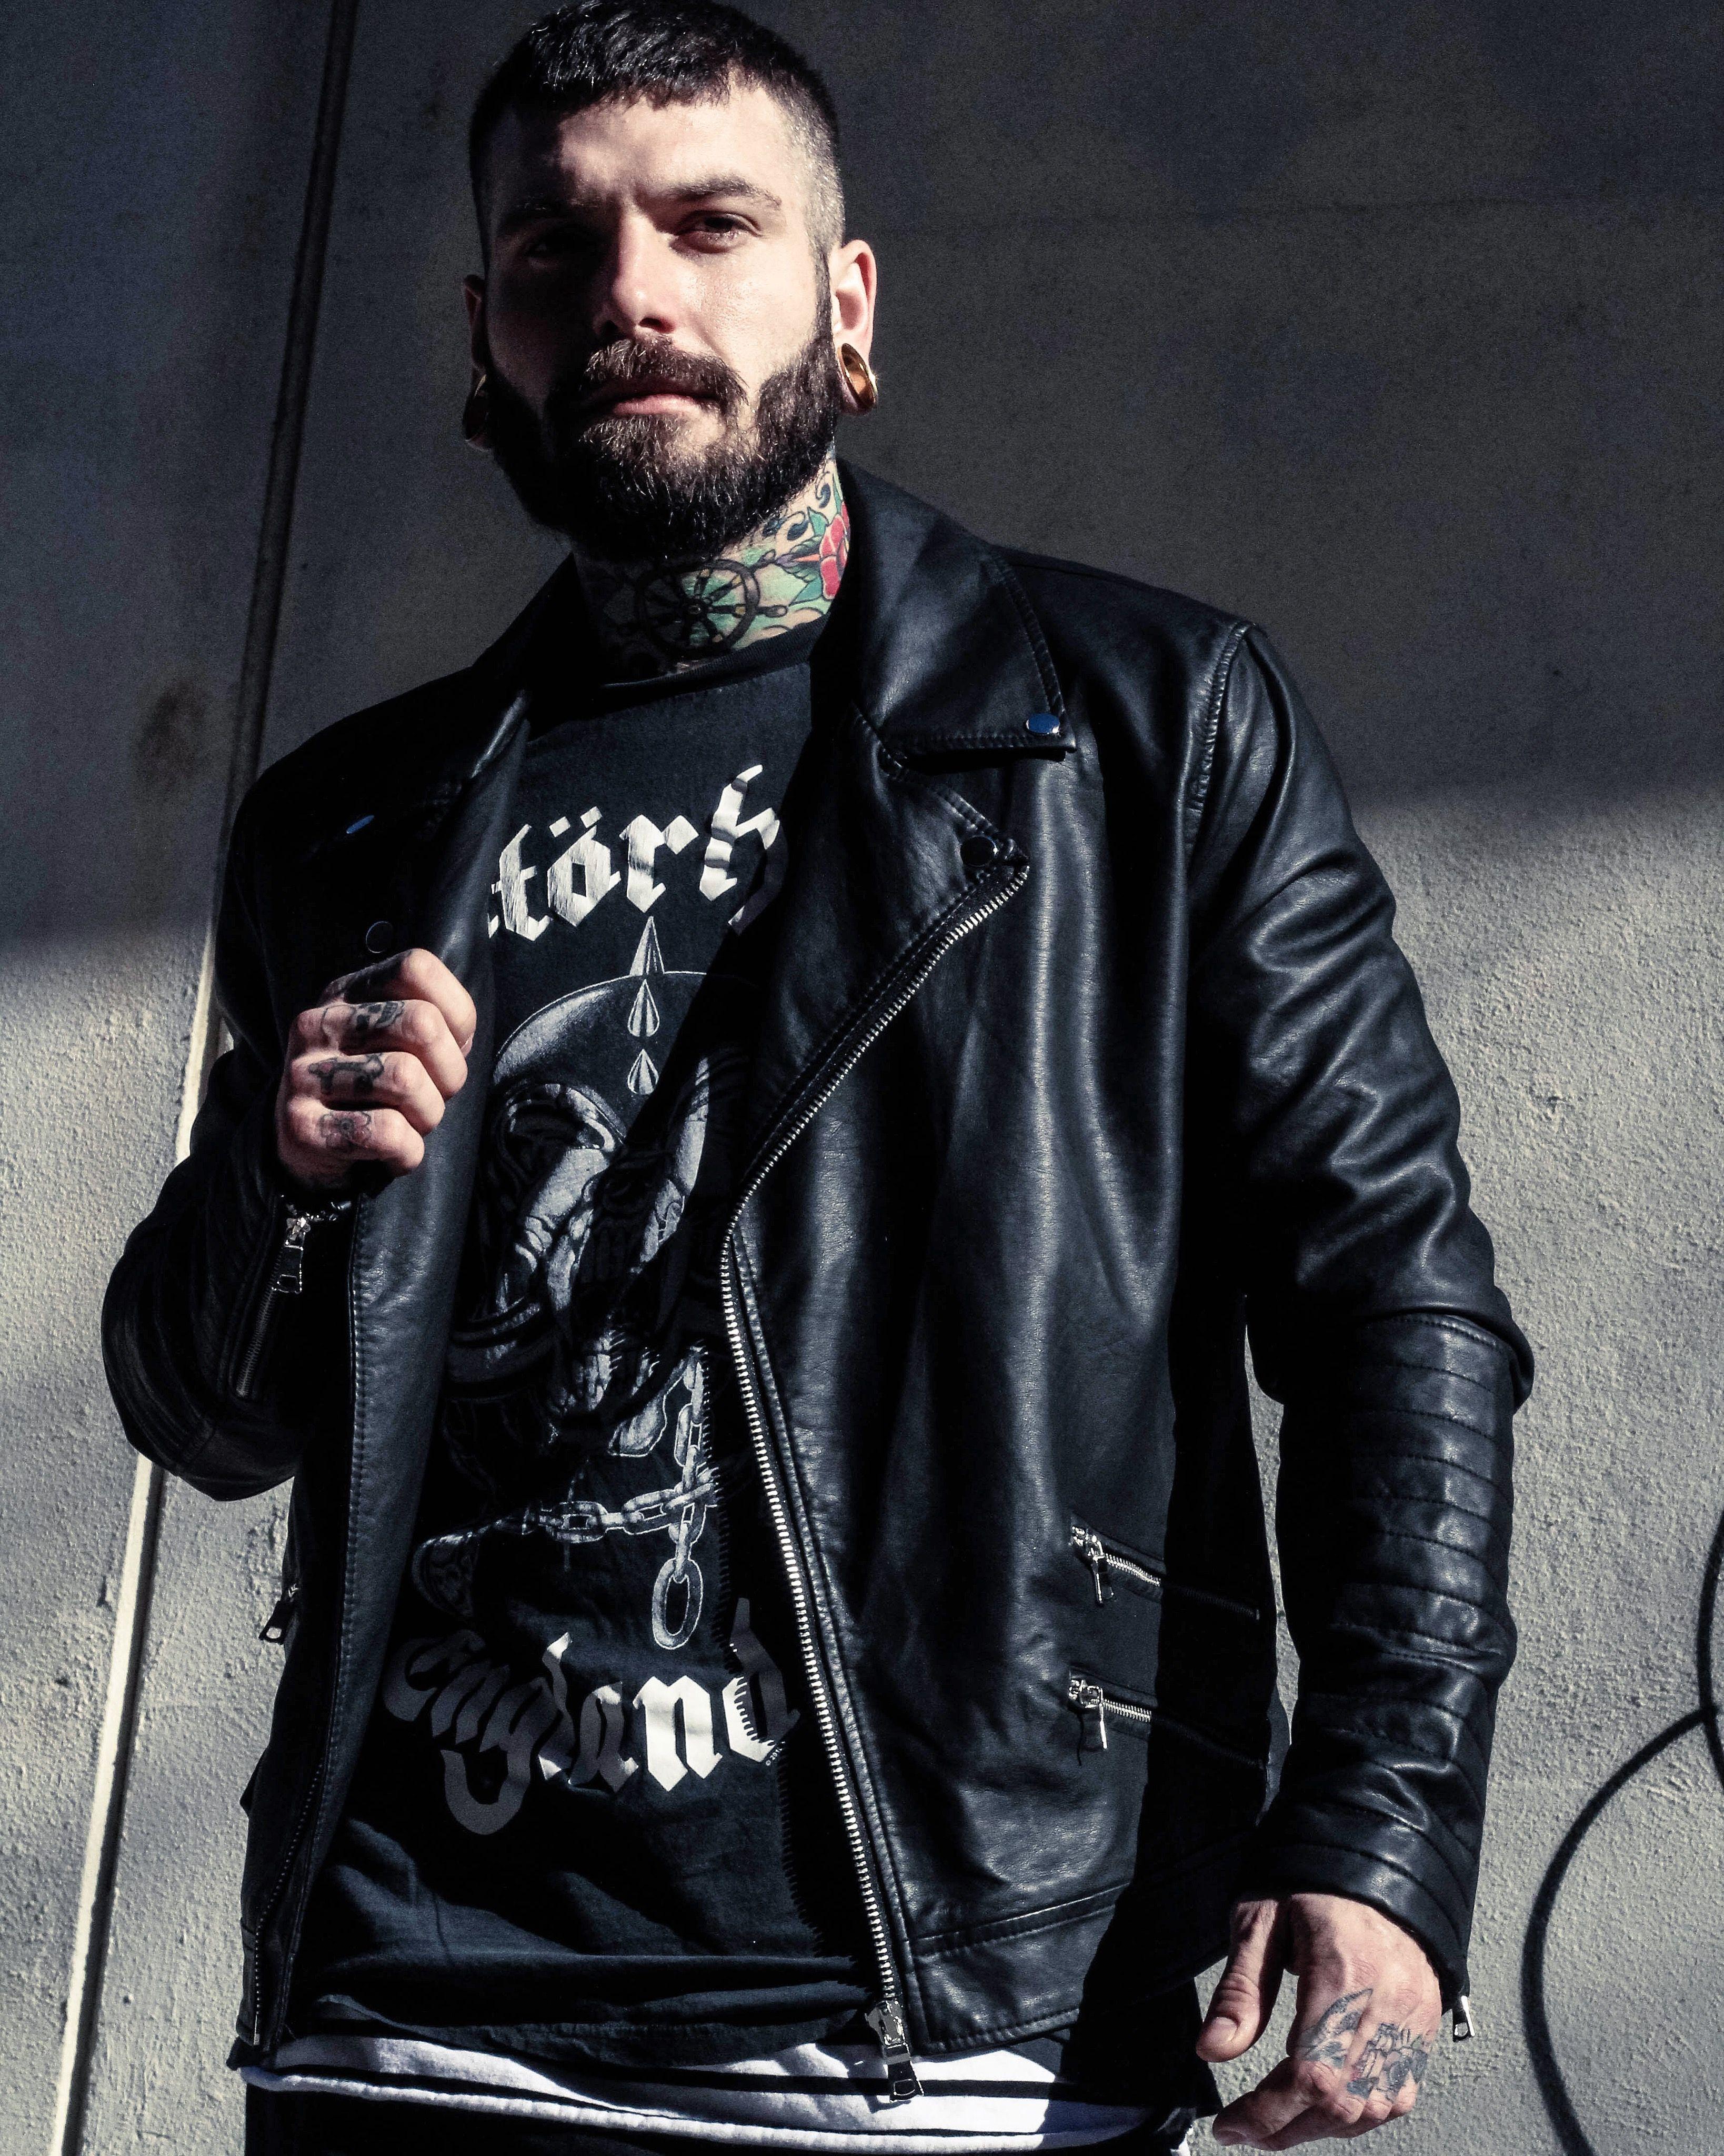 beard bearded tattoo tattoos tattooed